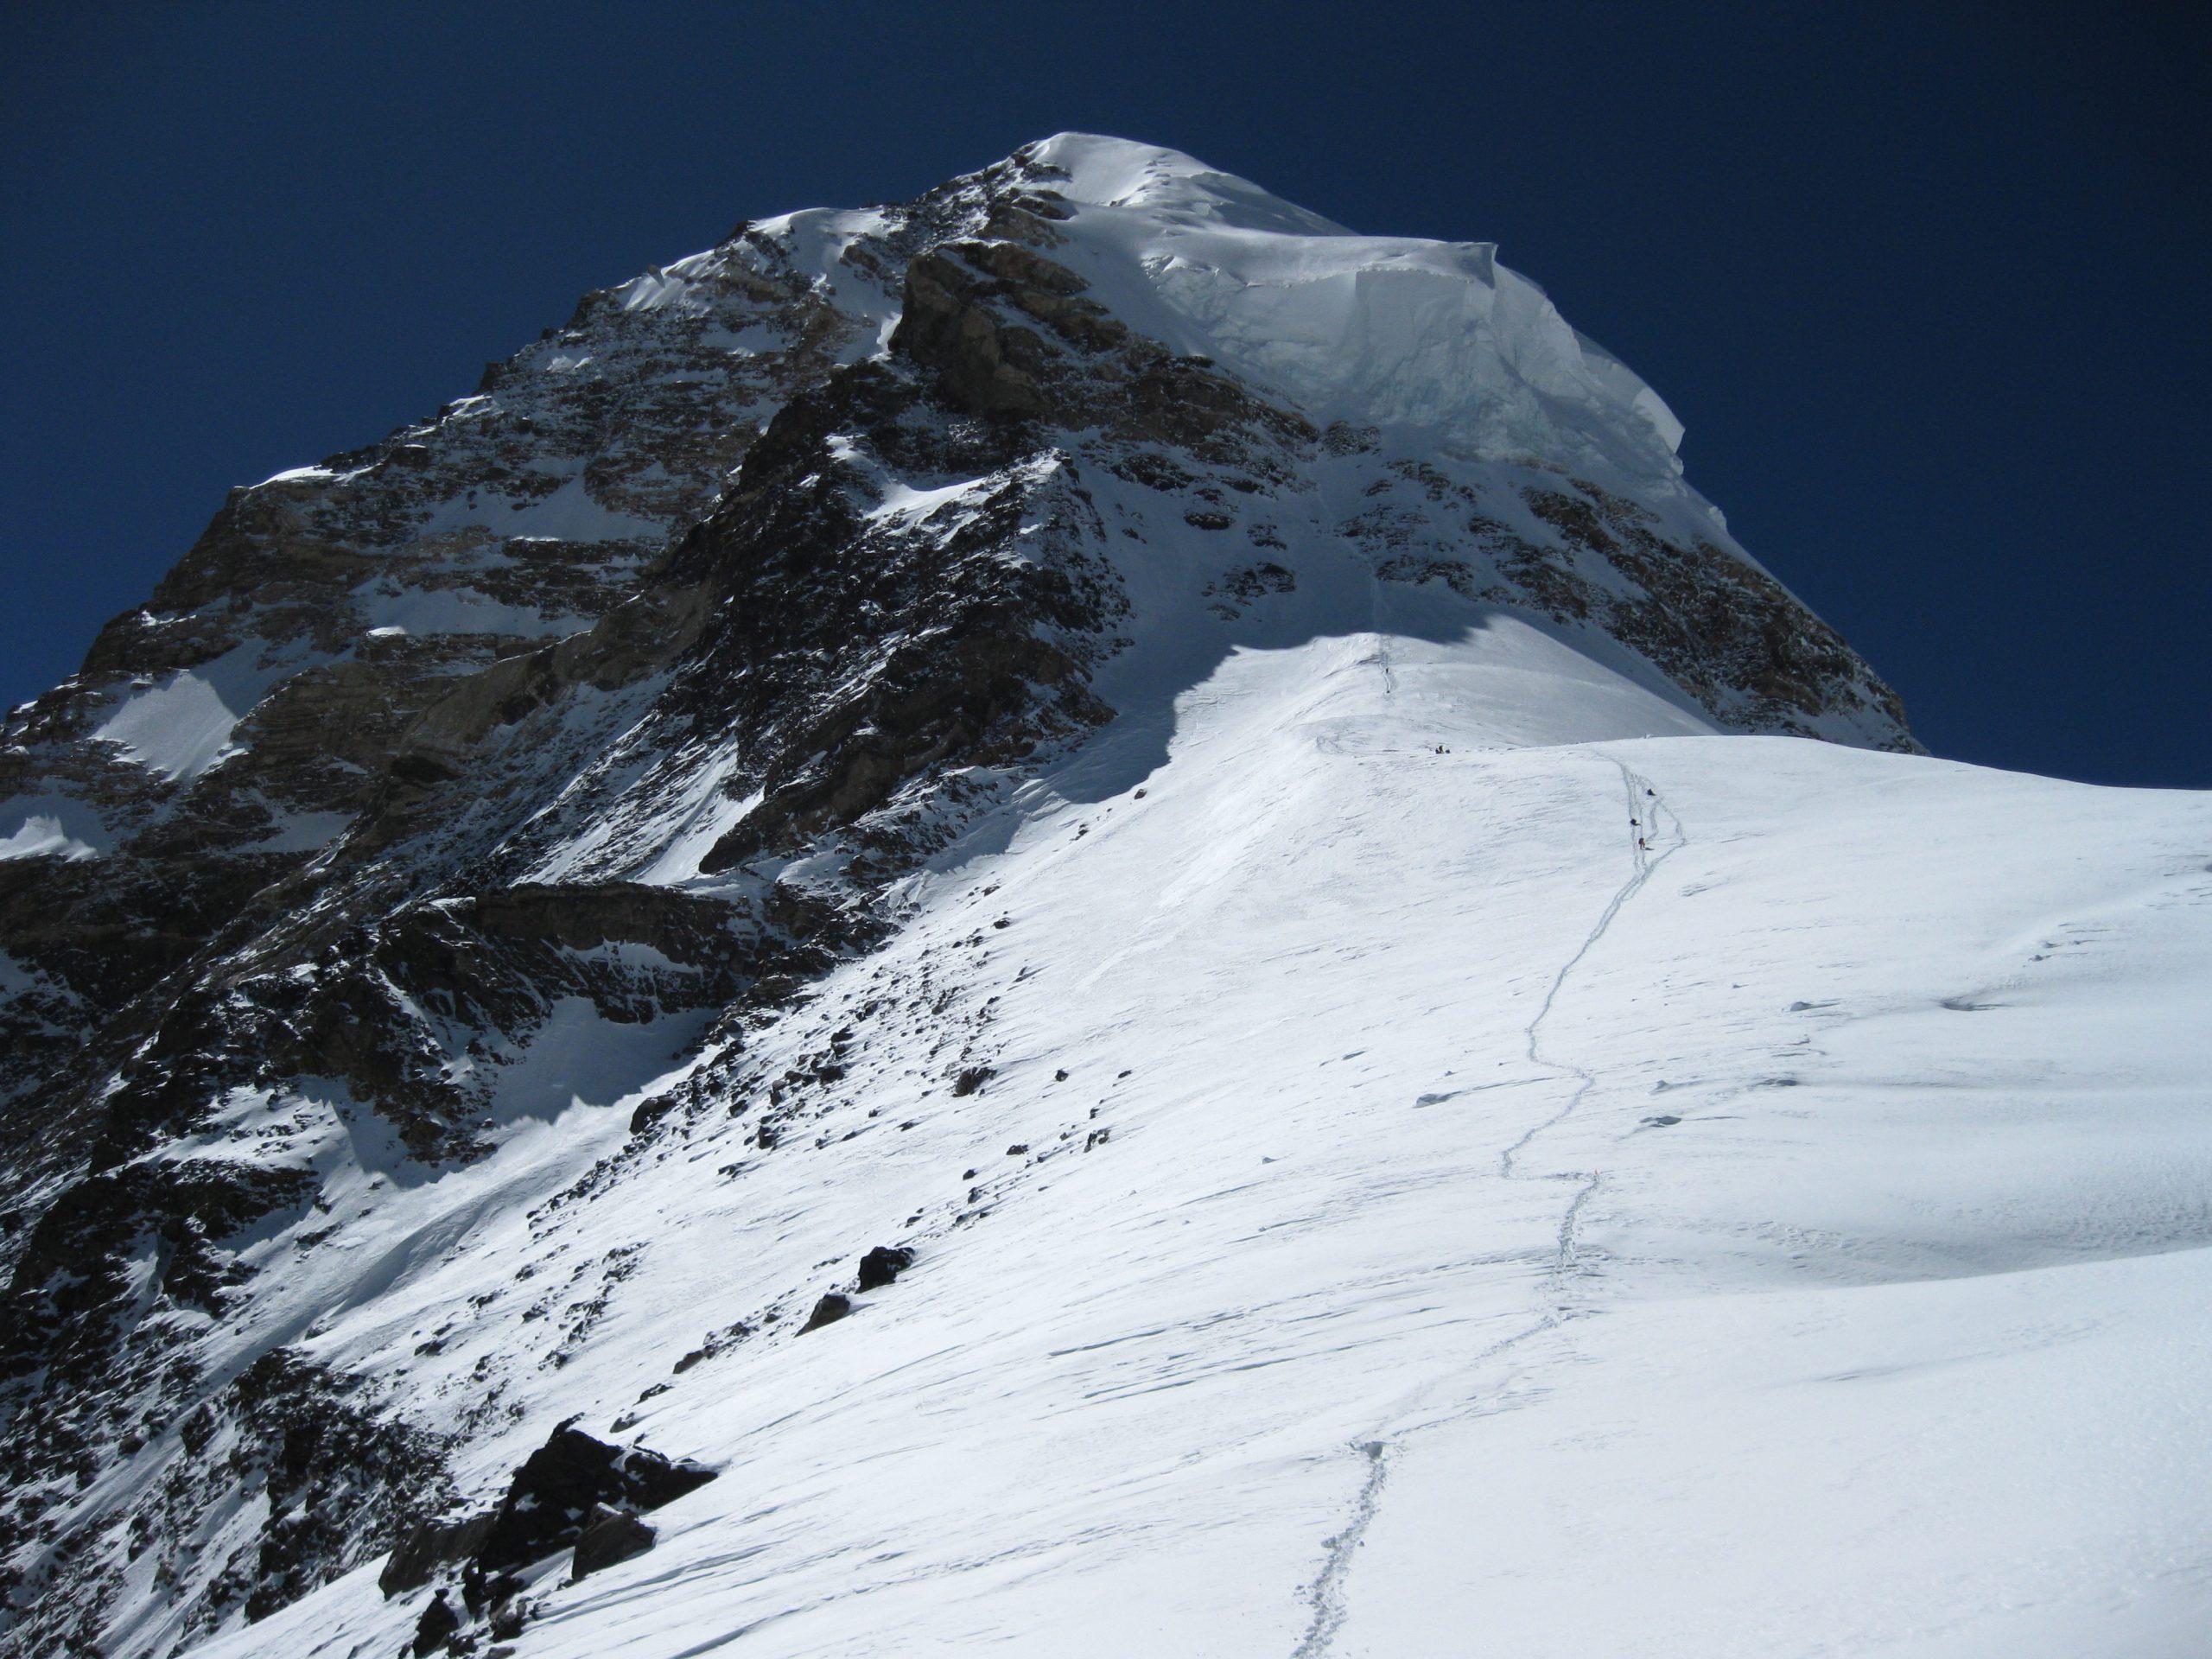 La vista de la cumbre desde 8000 metros